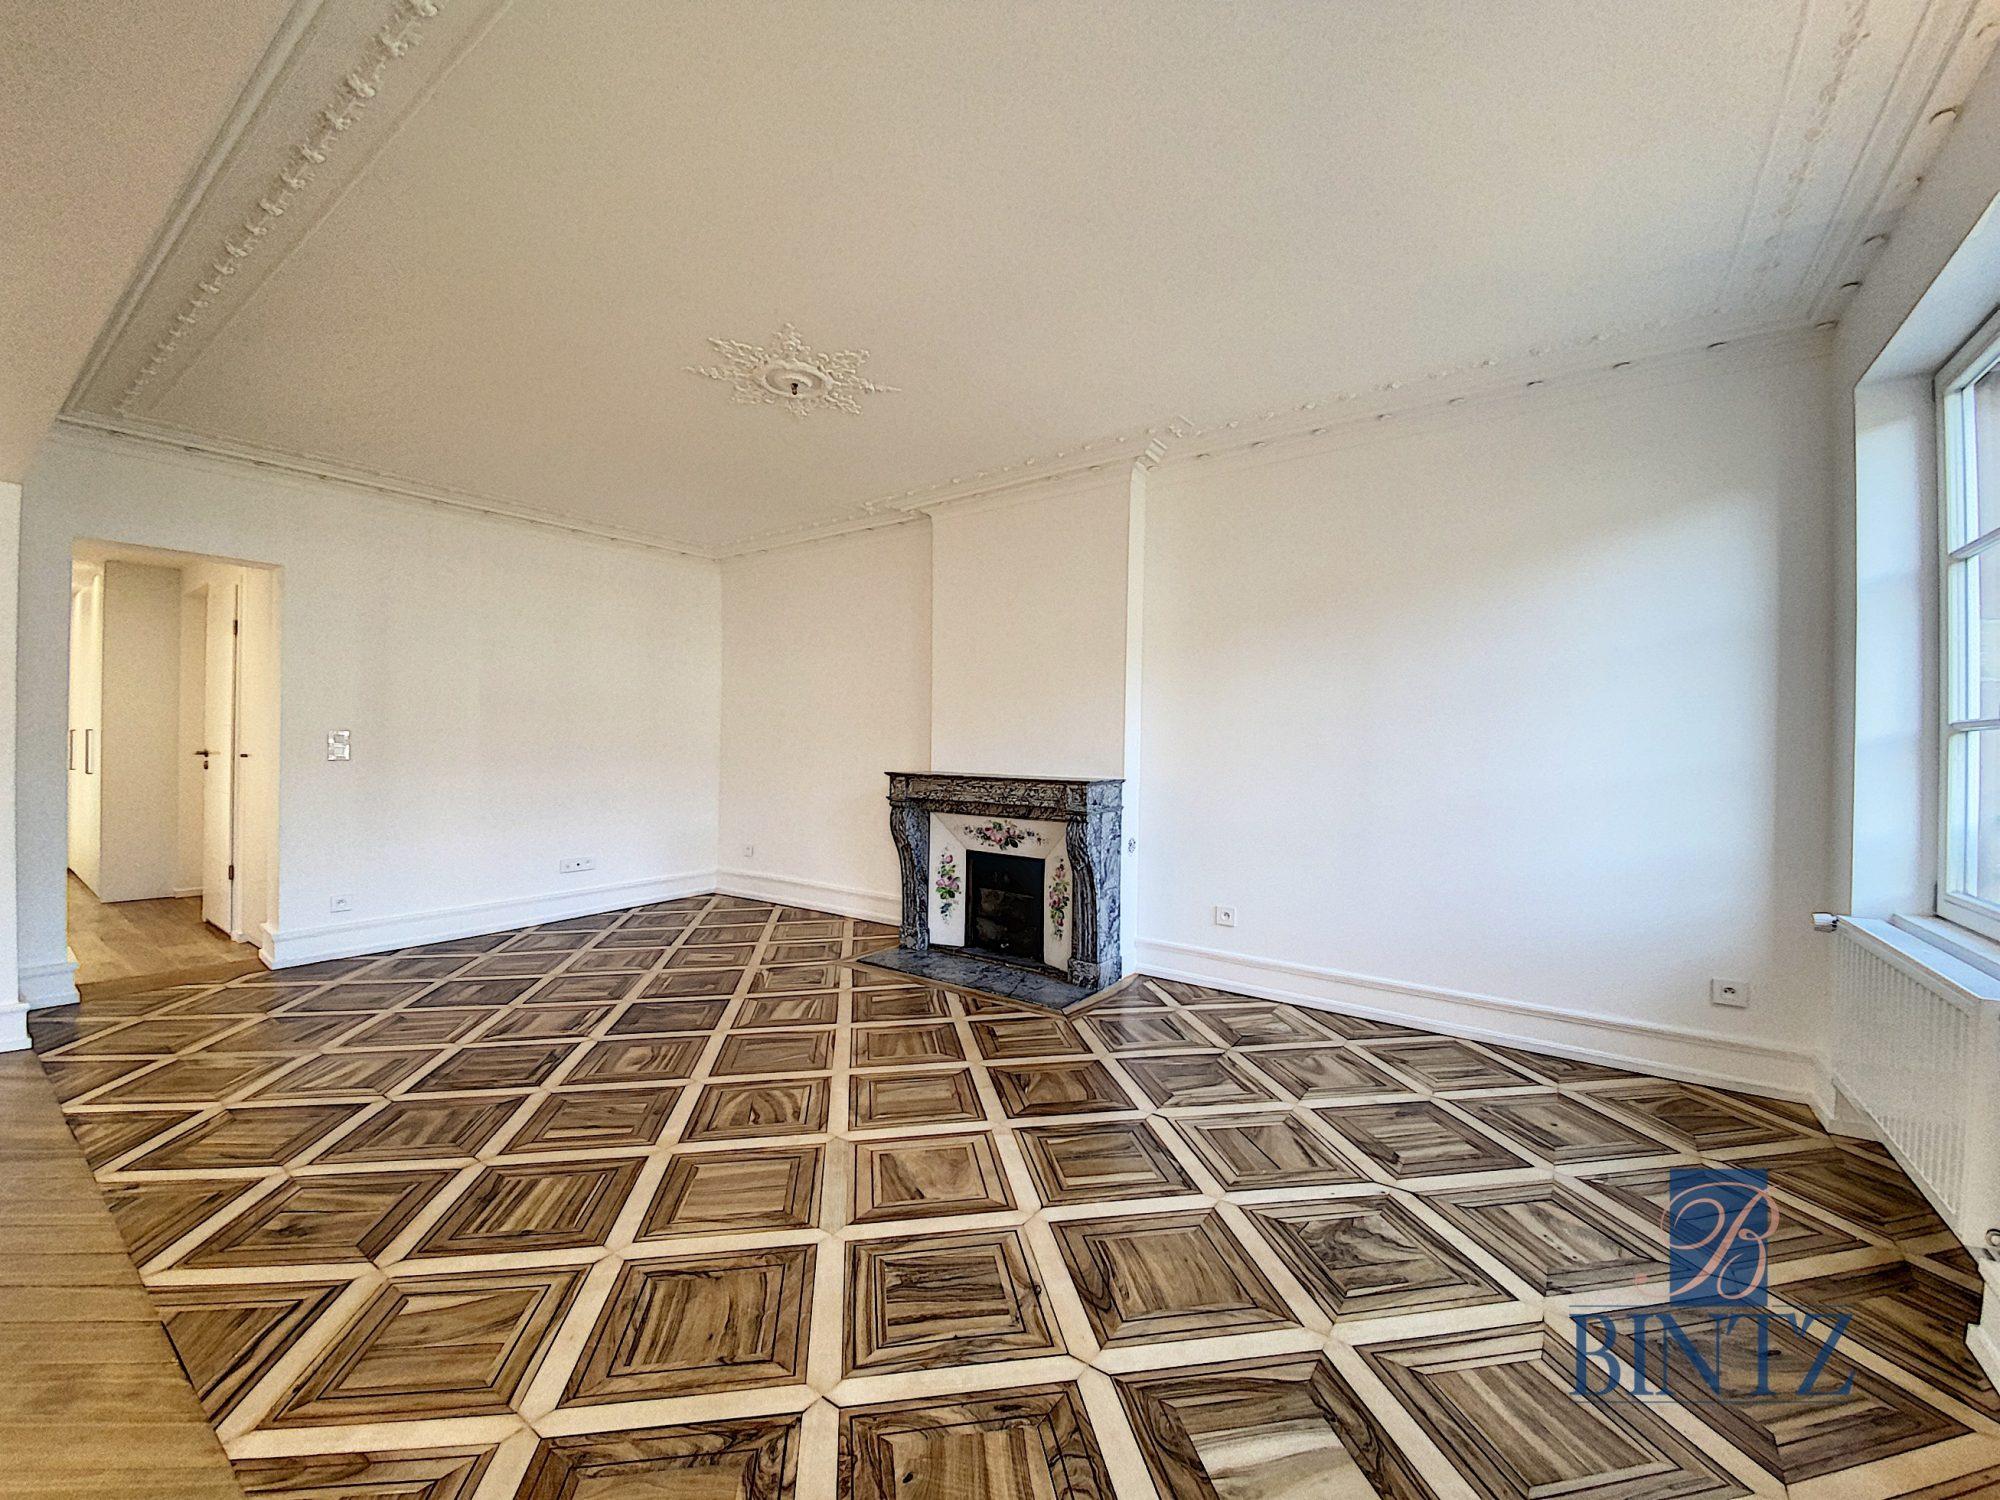 5 pièces d'exception face à la mairie - Devenez locataire en toute sérénité - Bintz Immobilier - 5